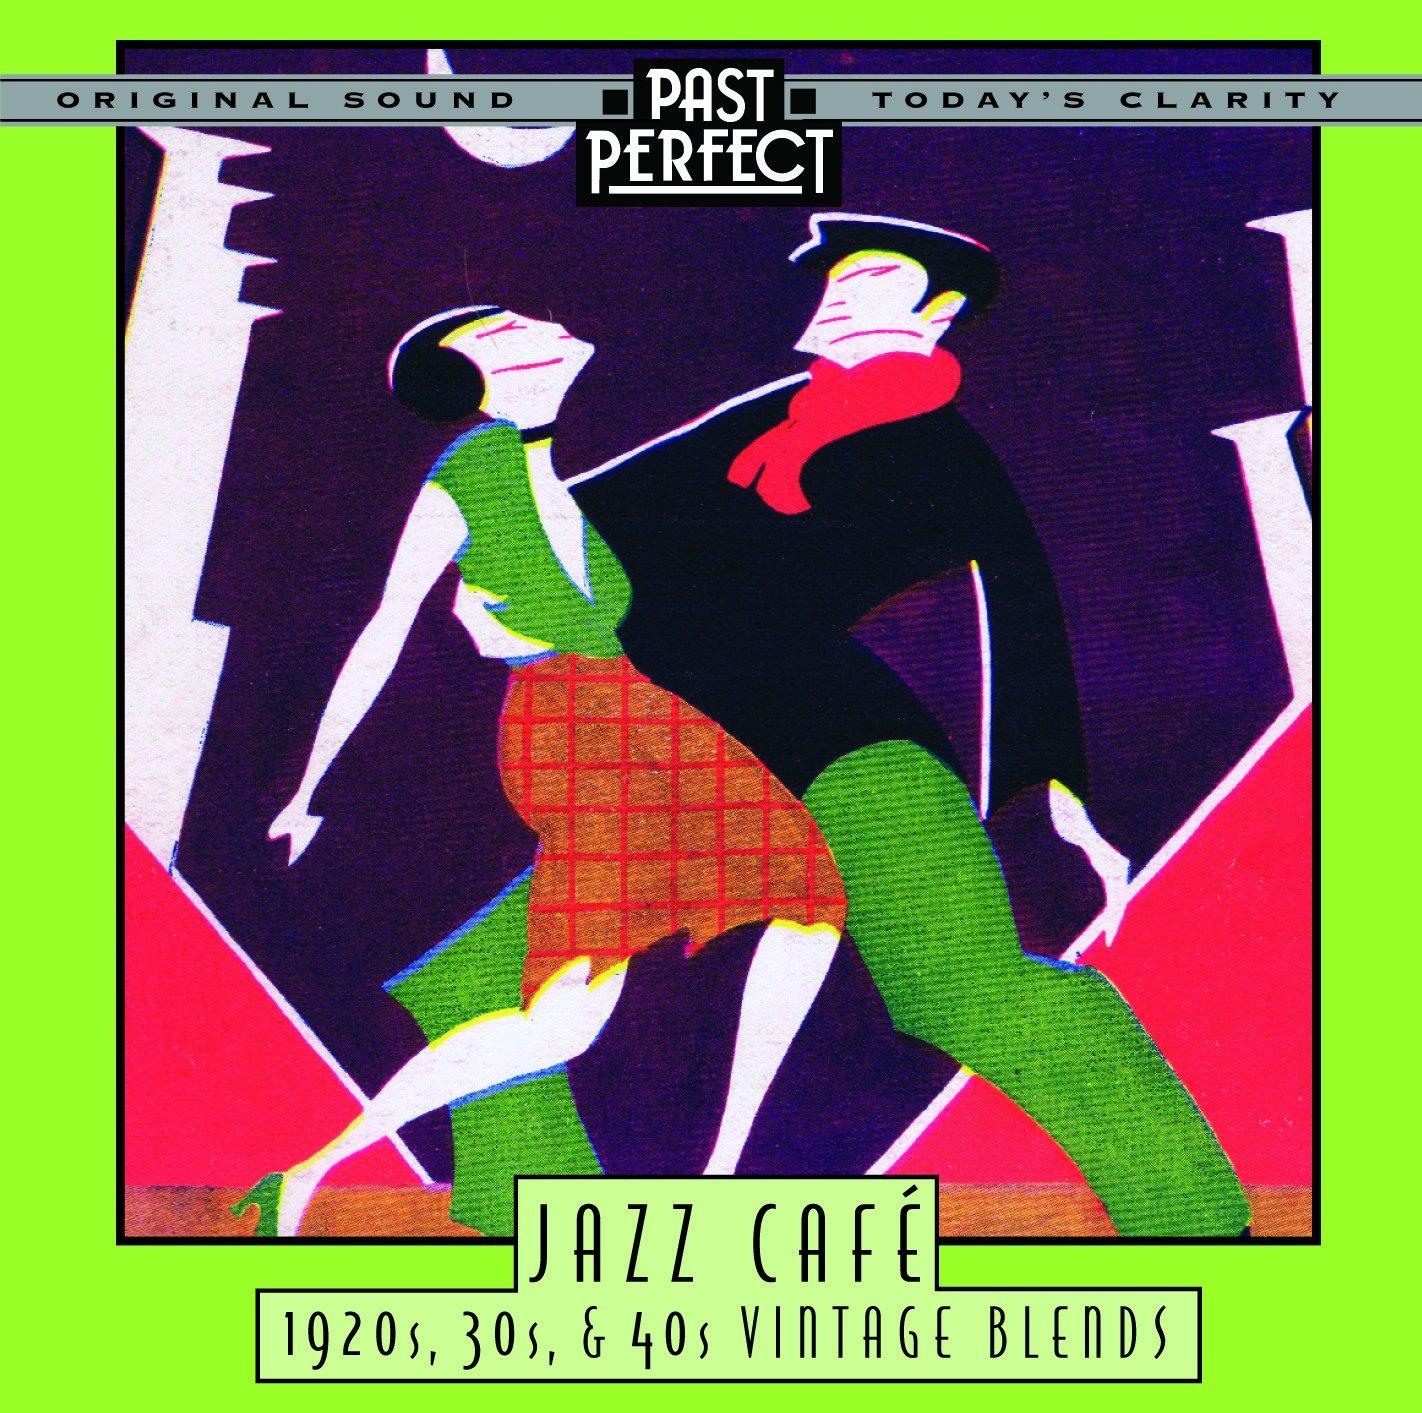 Jazz Cafe - 1920s, 30s, 40s Vintage Blends